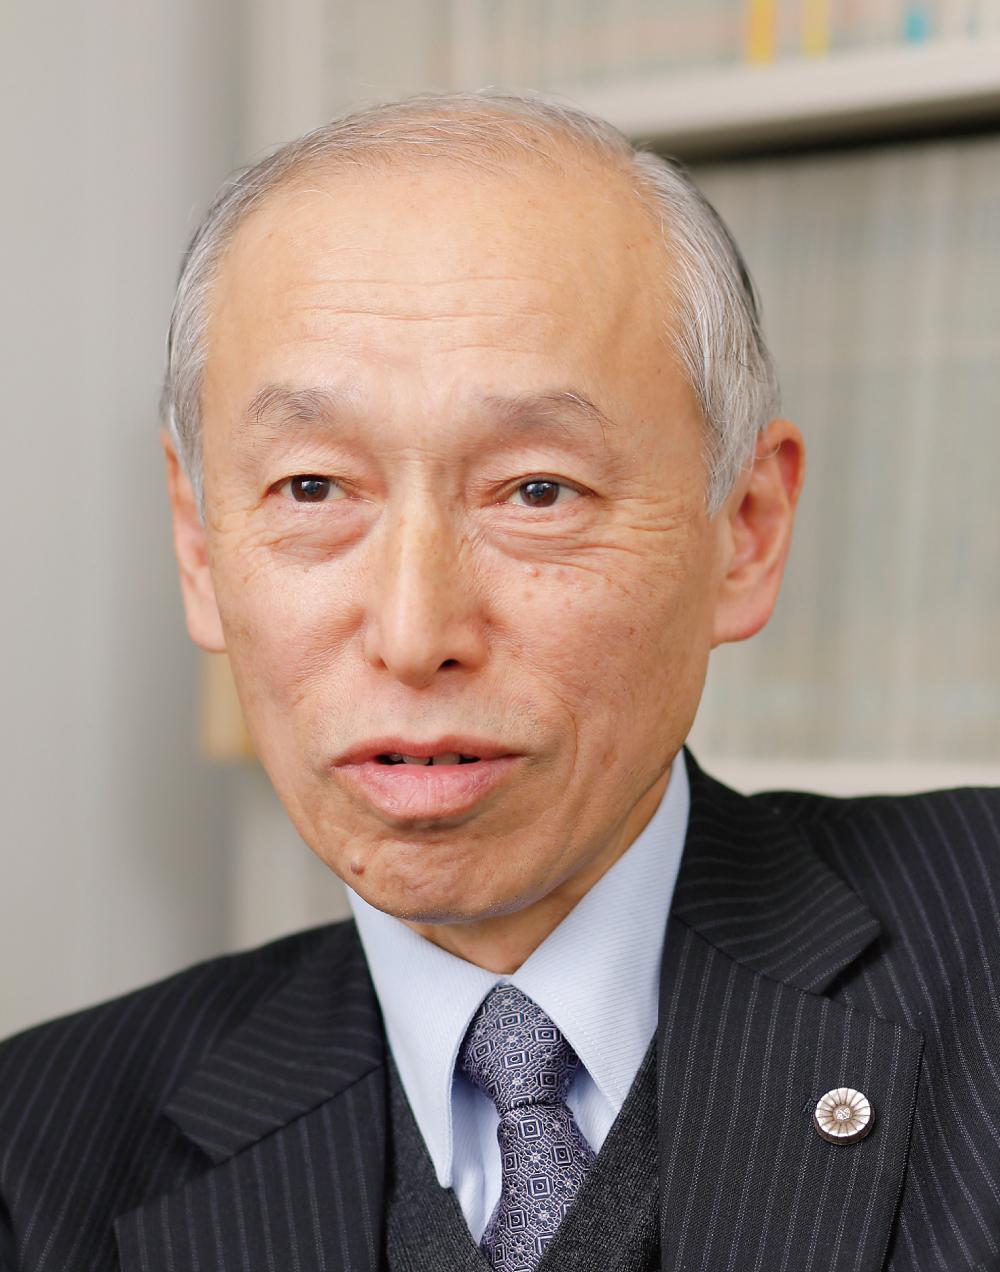 中杉喜代司弁護士